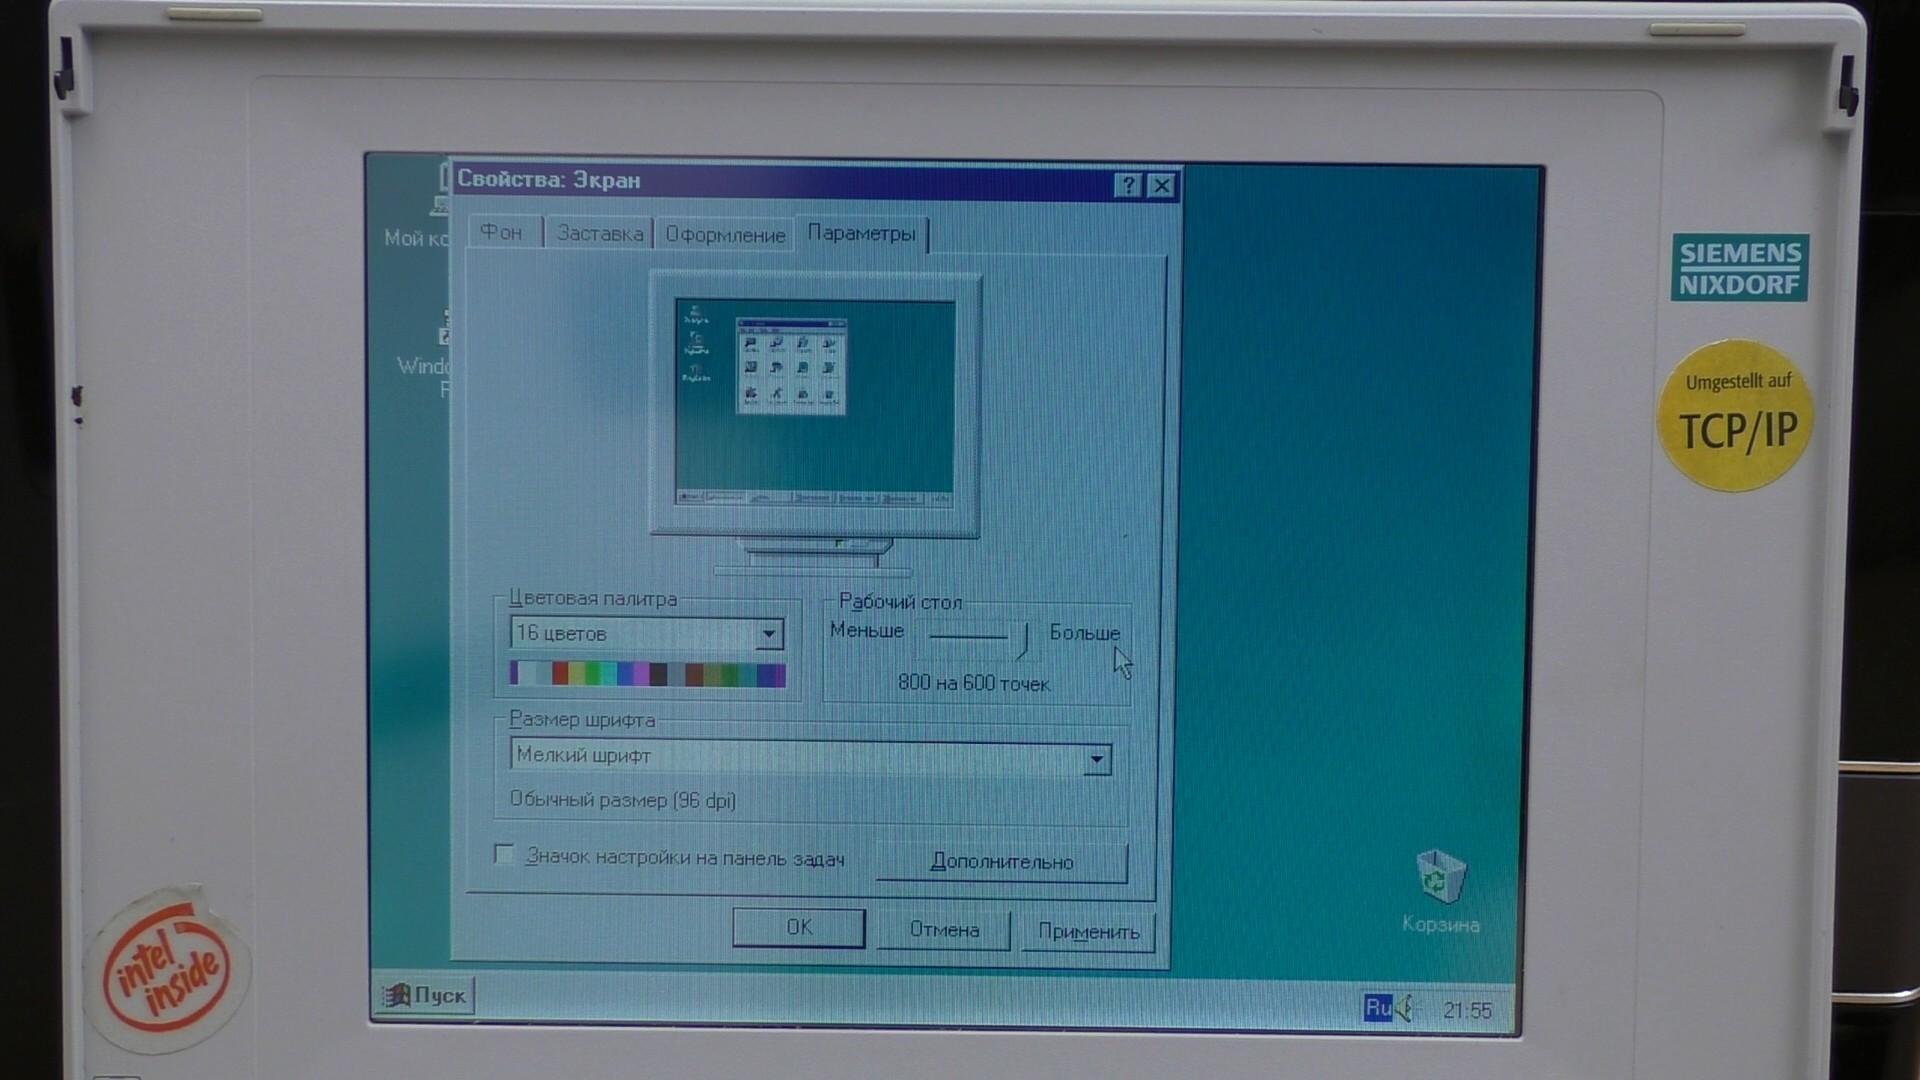 Мощь 80486 на Siemens Nixdorf PCD-4ND (текст и видео — на выбор) - 27